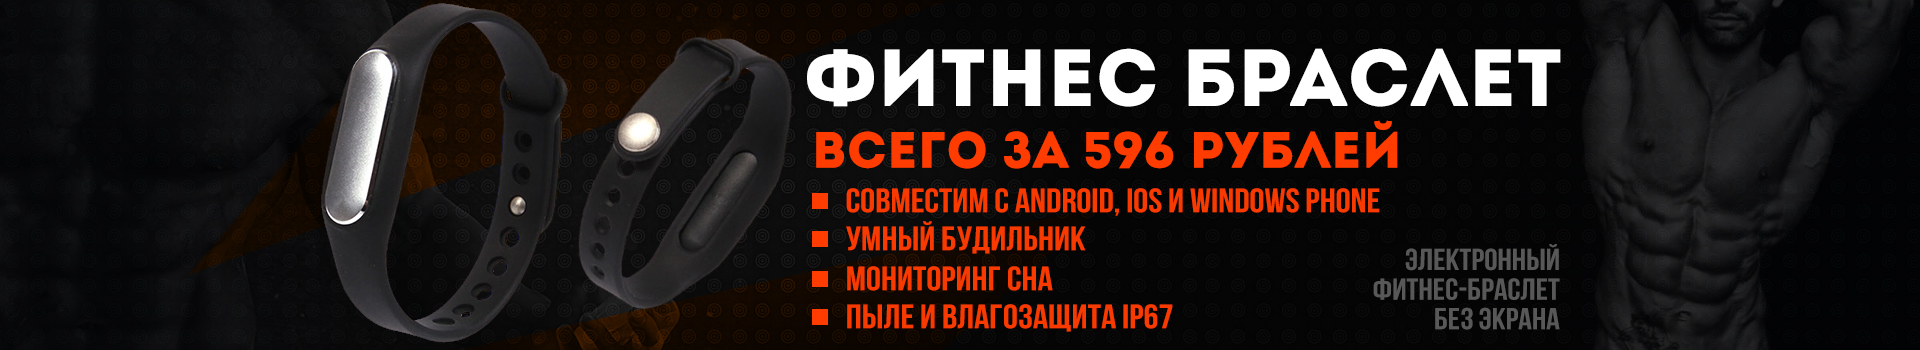 150deec1d306b4bb0ba262f134df8633.jpg